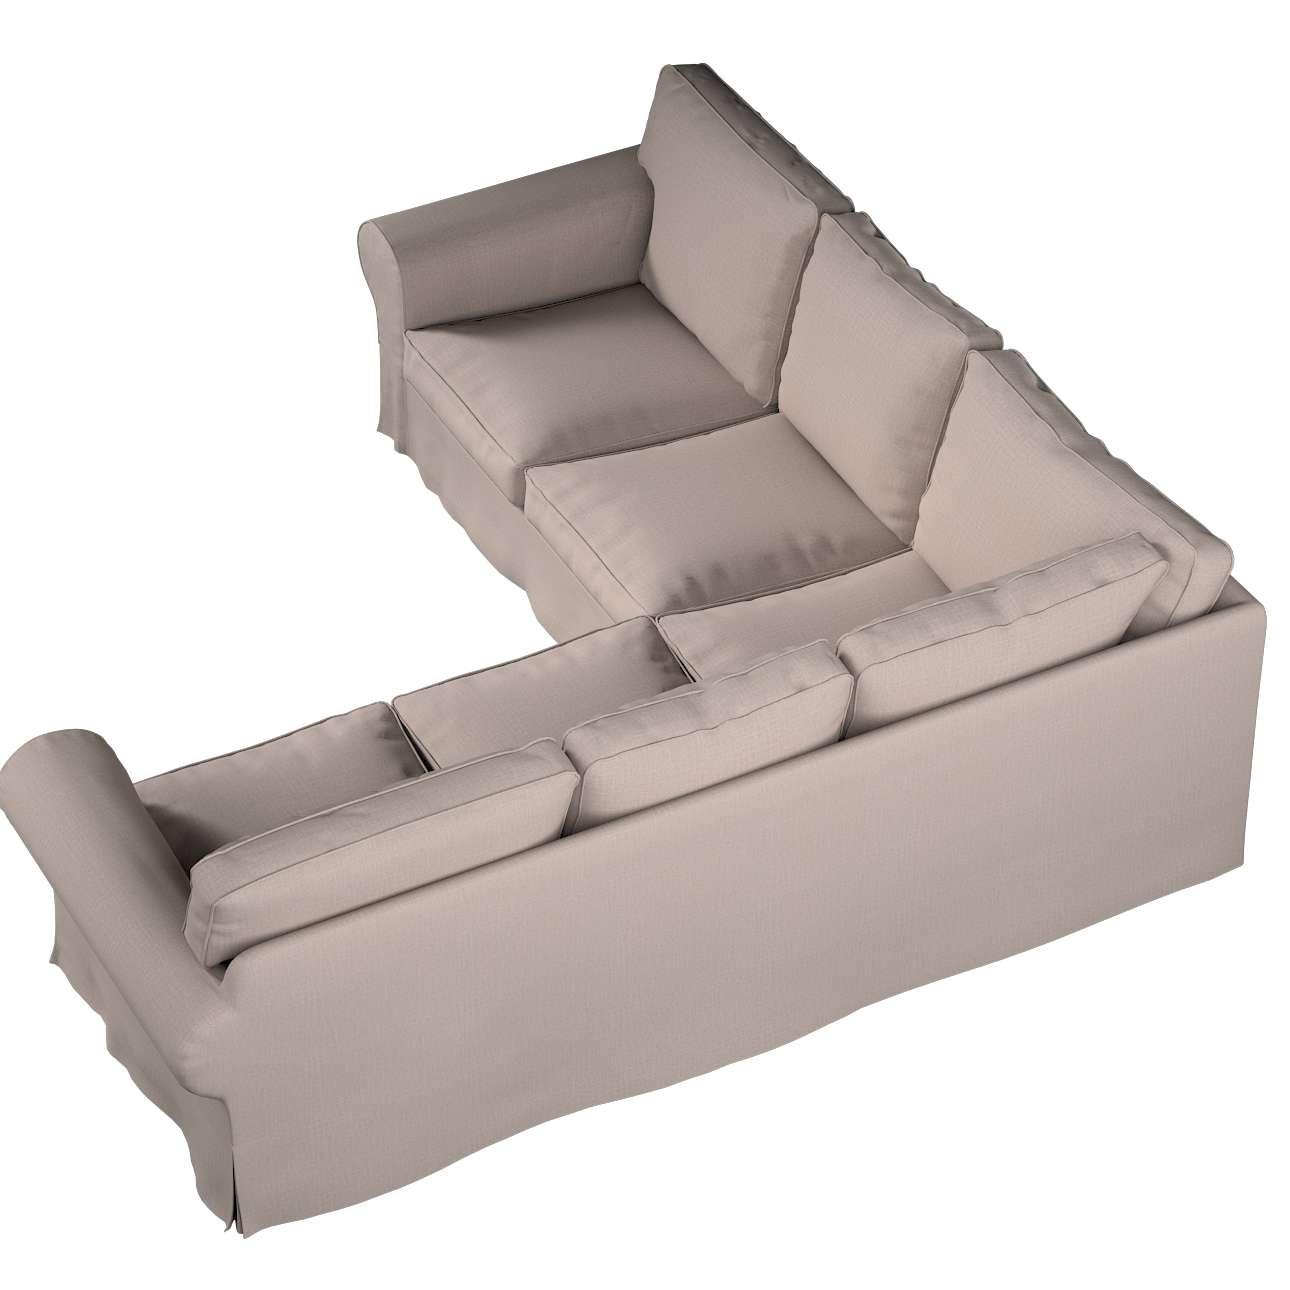 Pokrowiec na sofę narożną Ektorp w kolekcji Living II, tkanina: 160-85